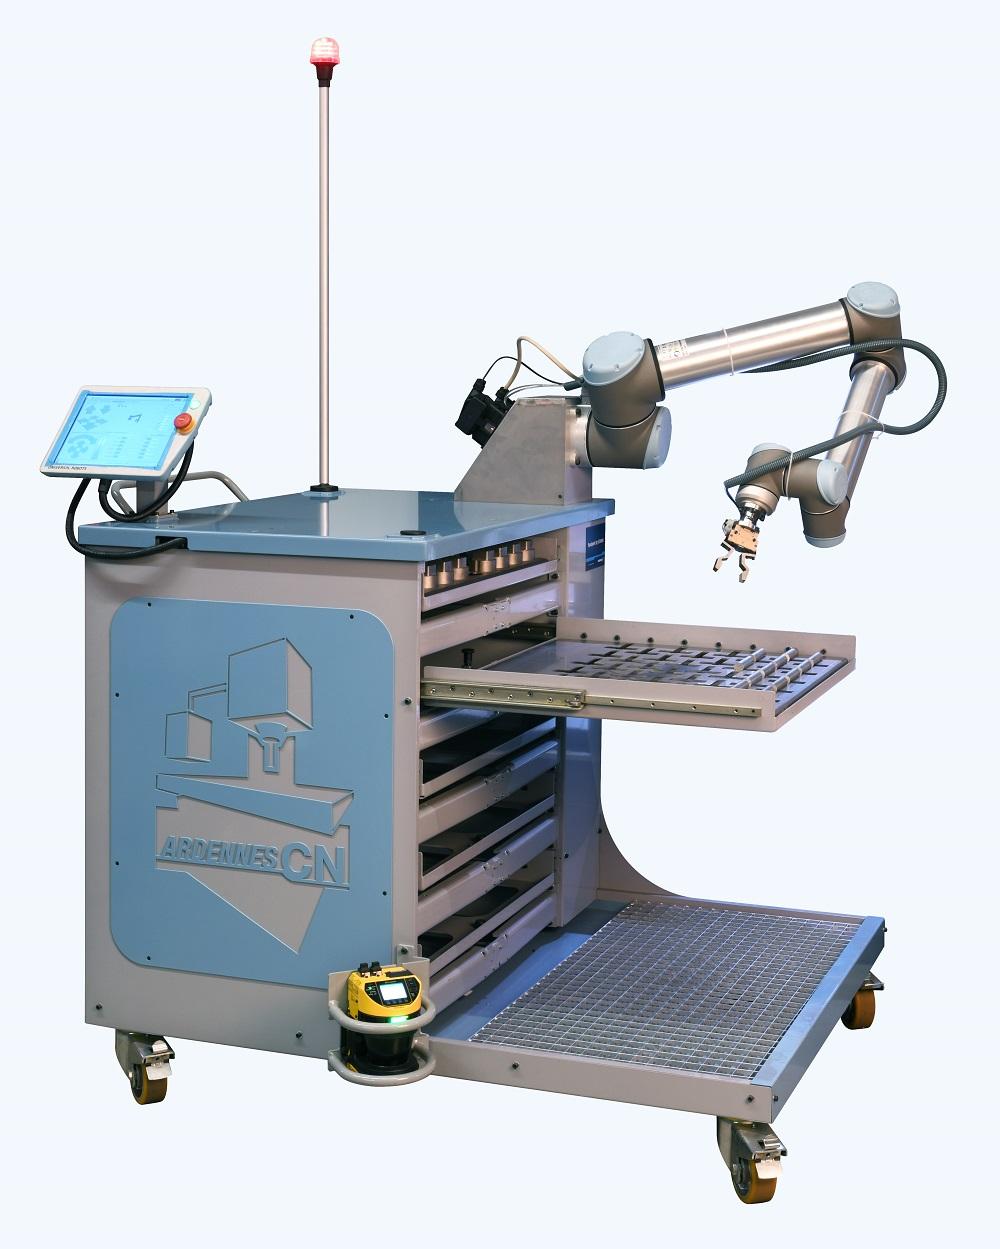 Une cellule robotisée mobile pour les machines-outils